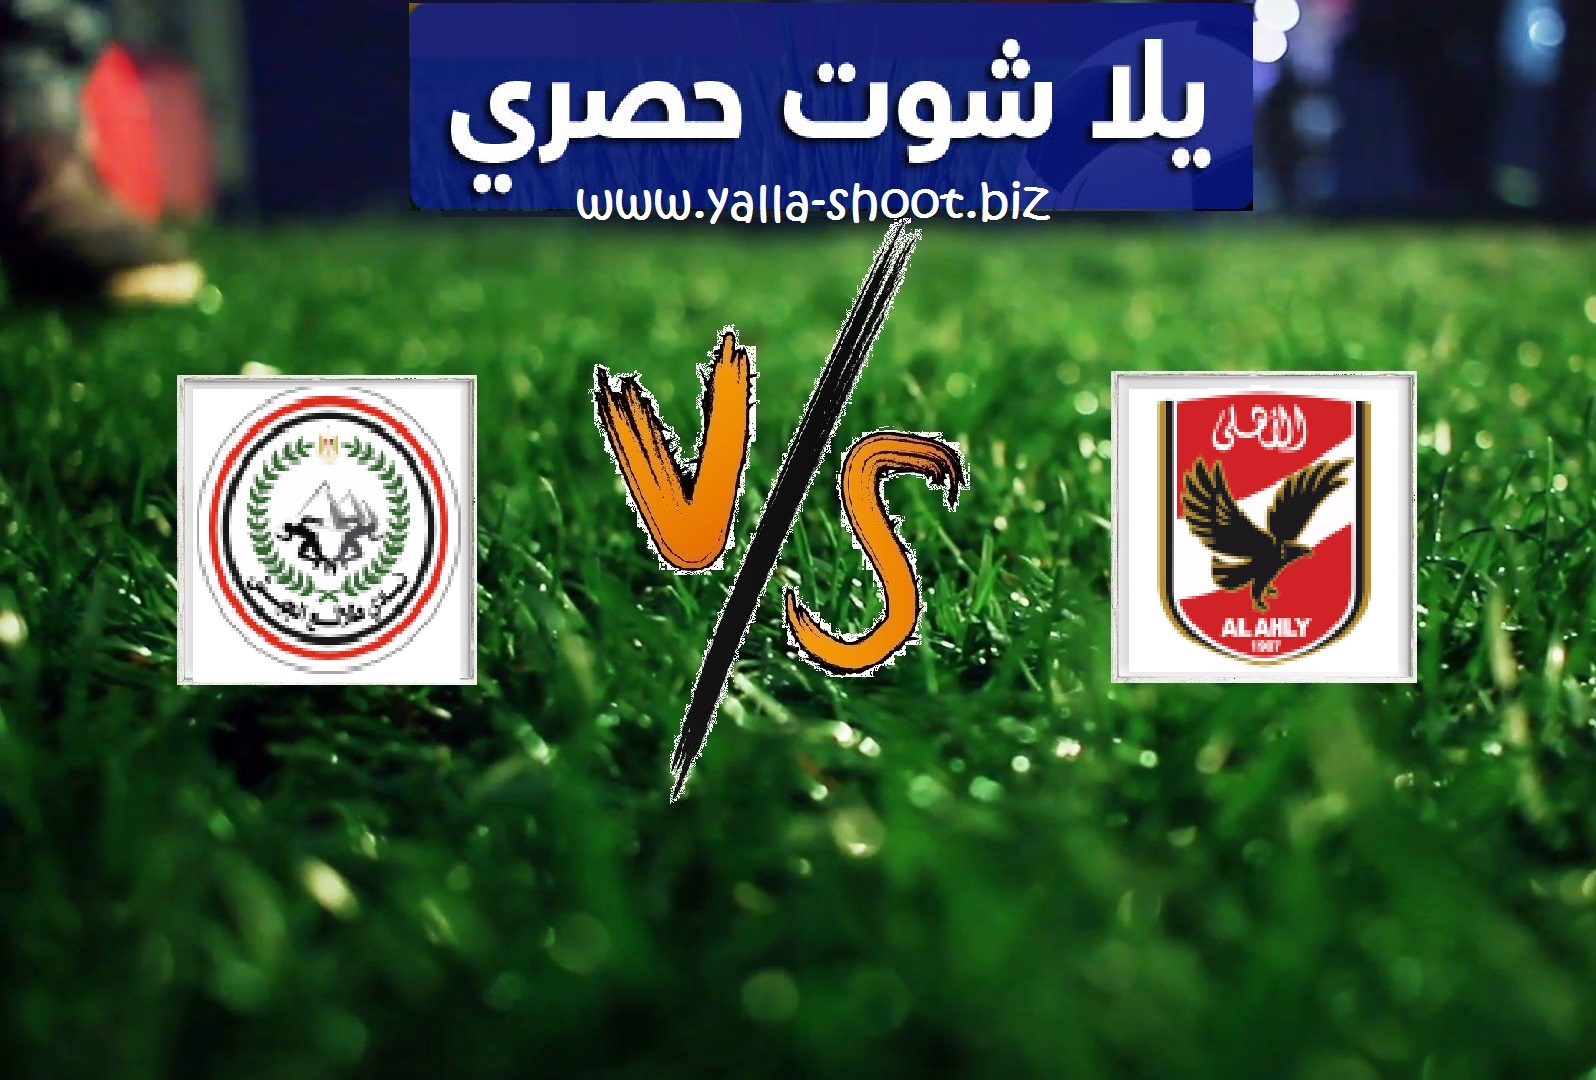 نتيجة مباراة الأهلي وطلائع الجيش بتاريخ 10-02-2020 الدوري المصري